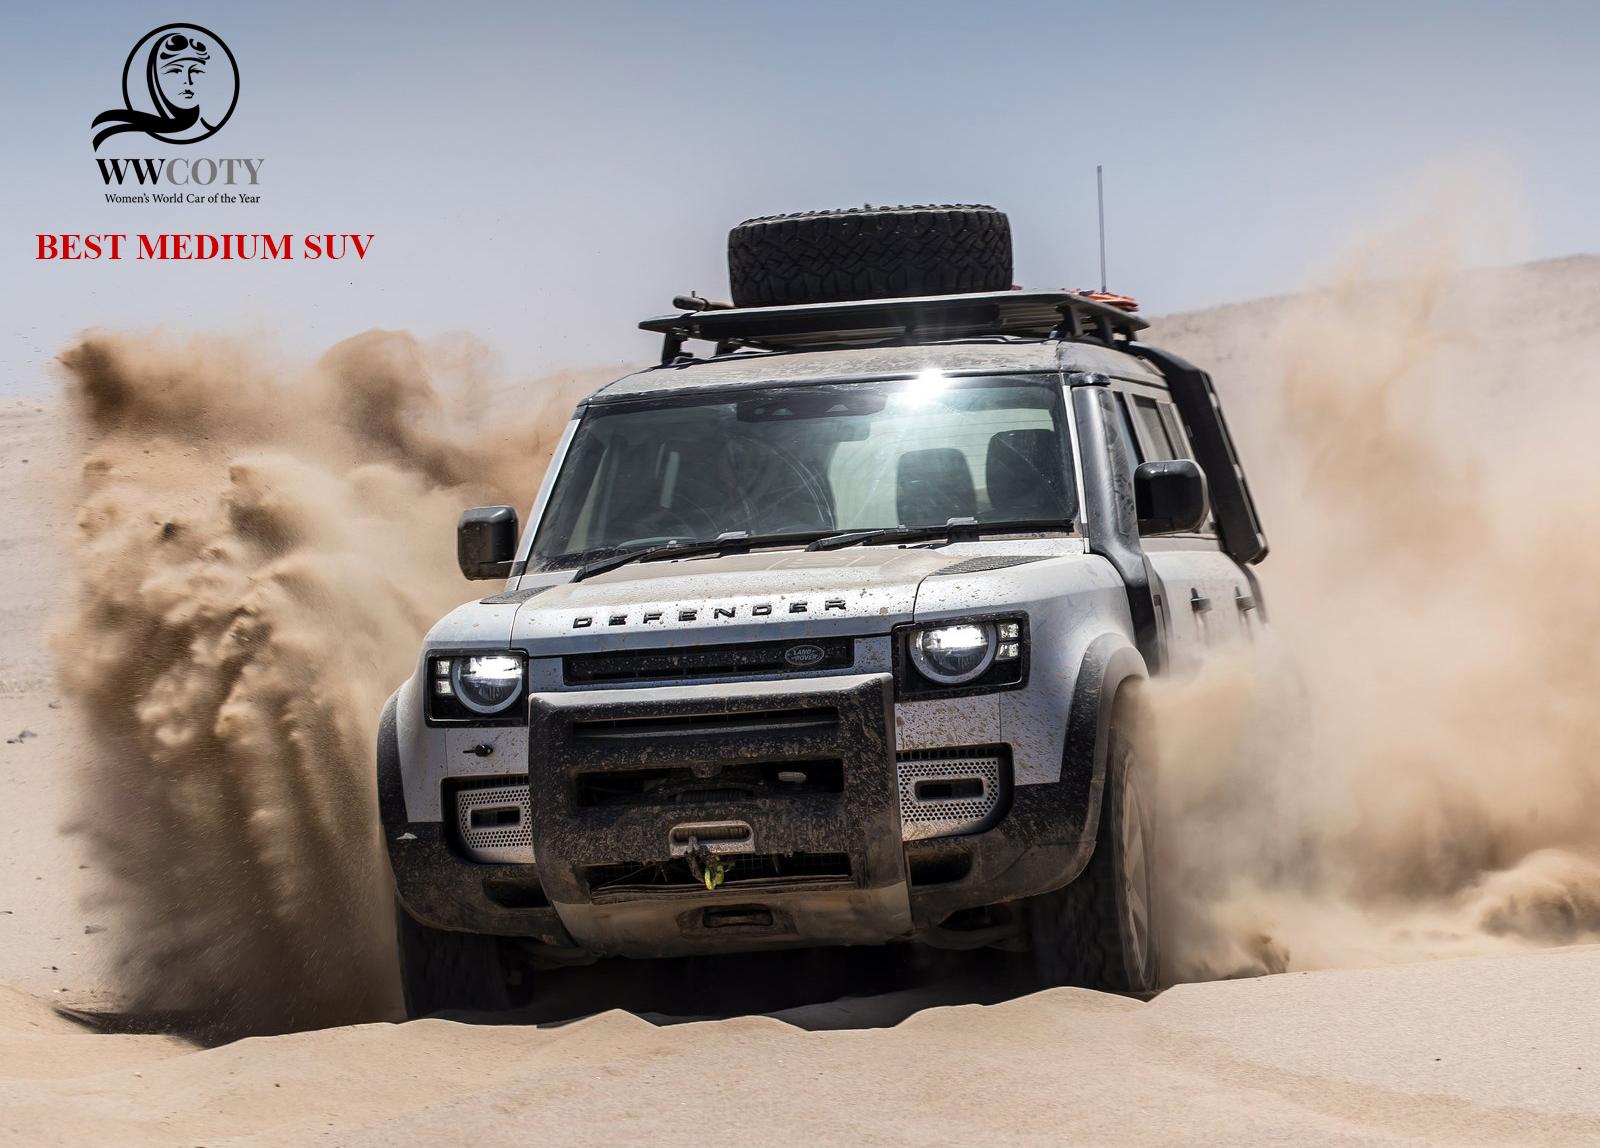 Best Medium SUV Land Rover Defender